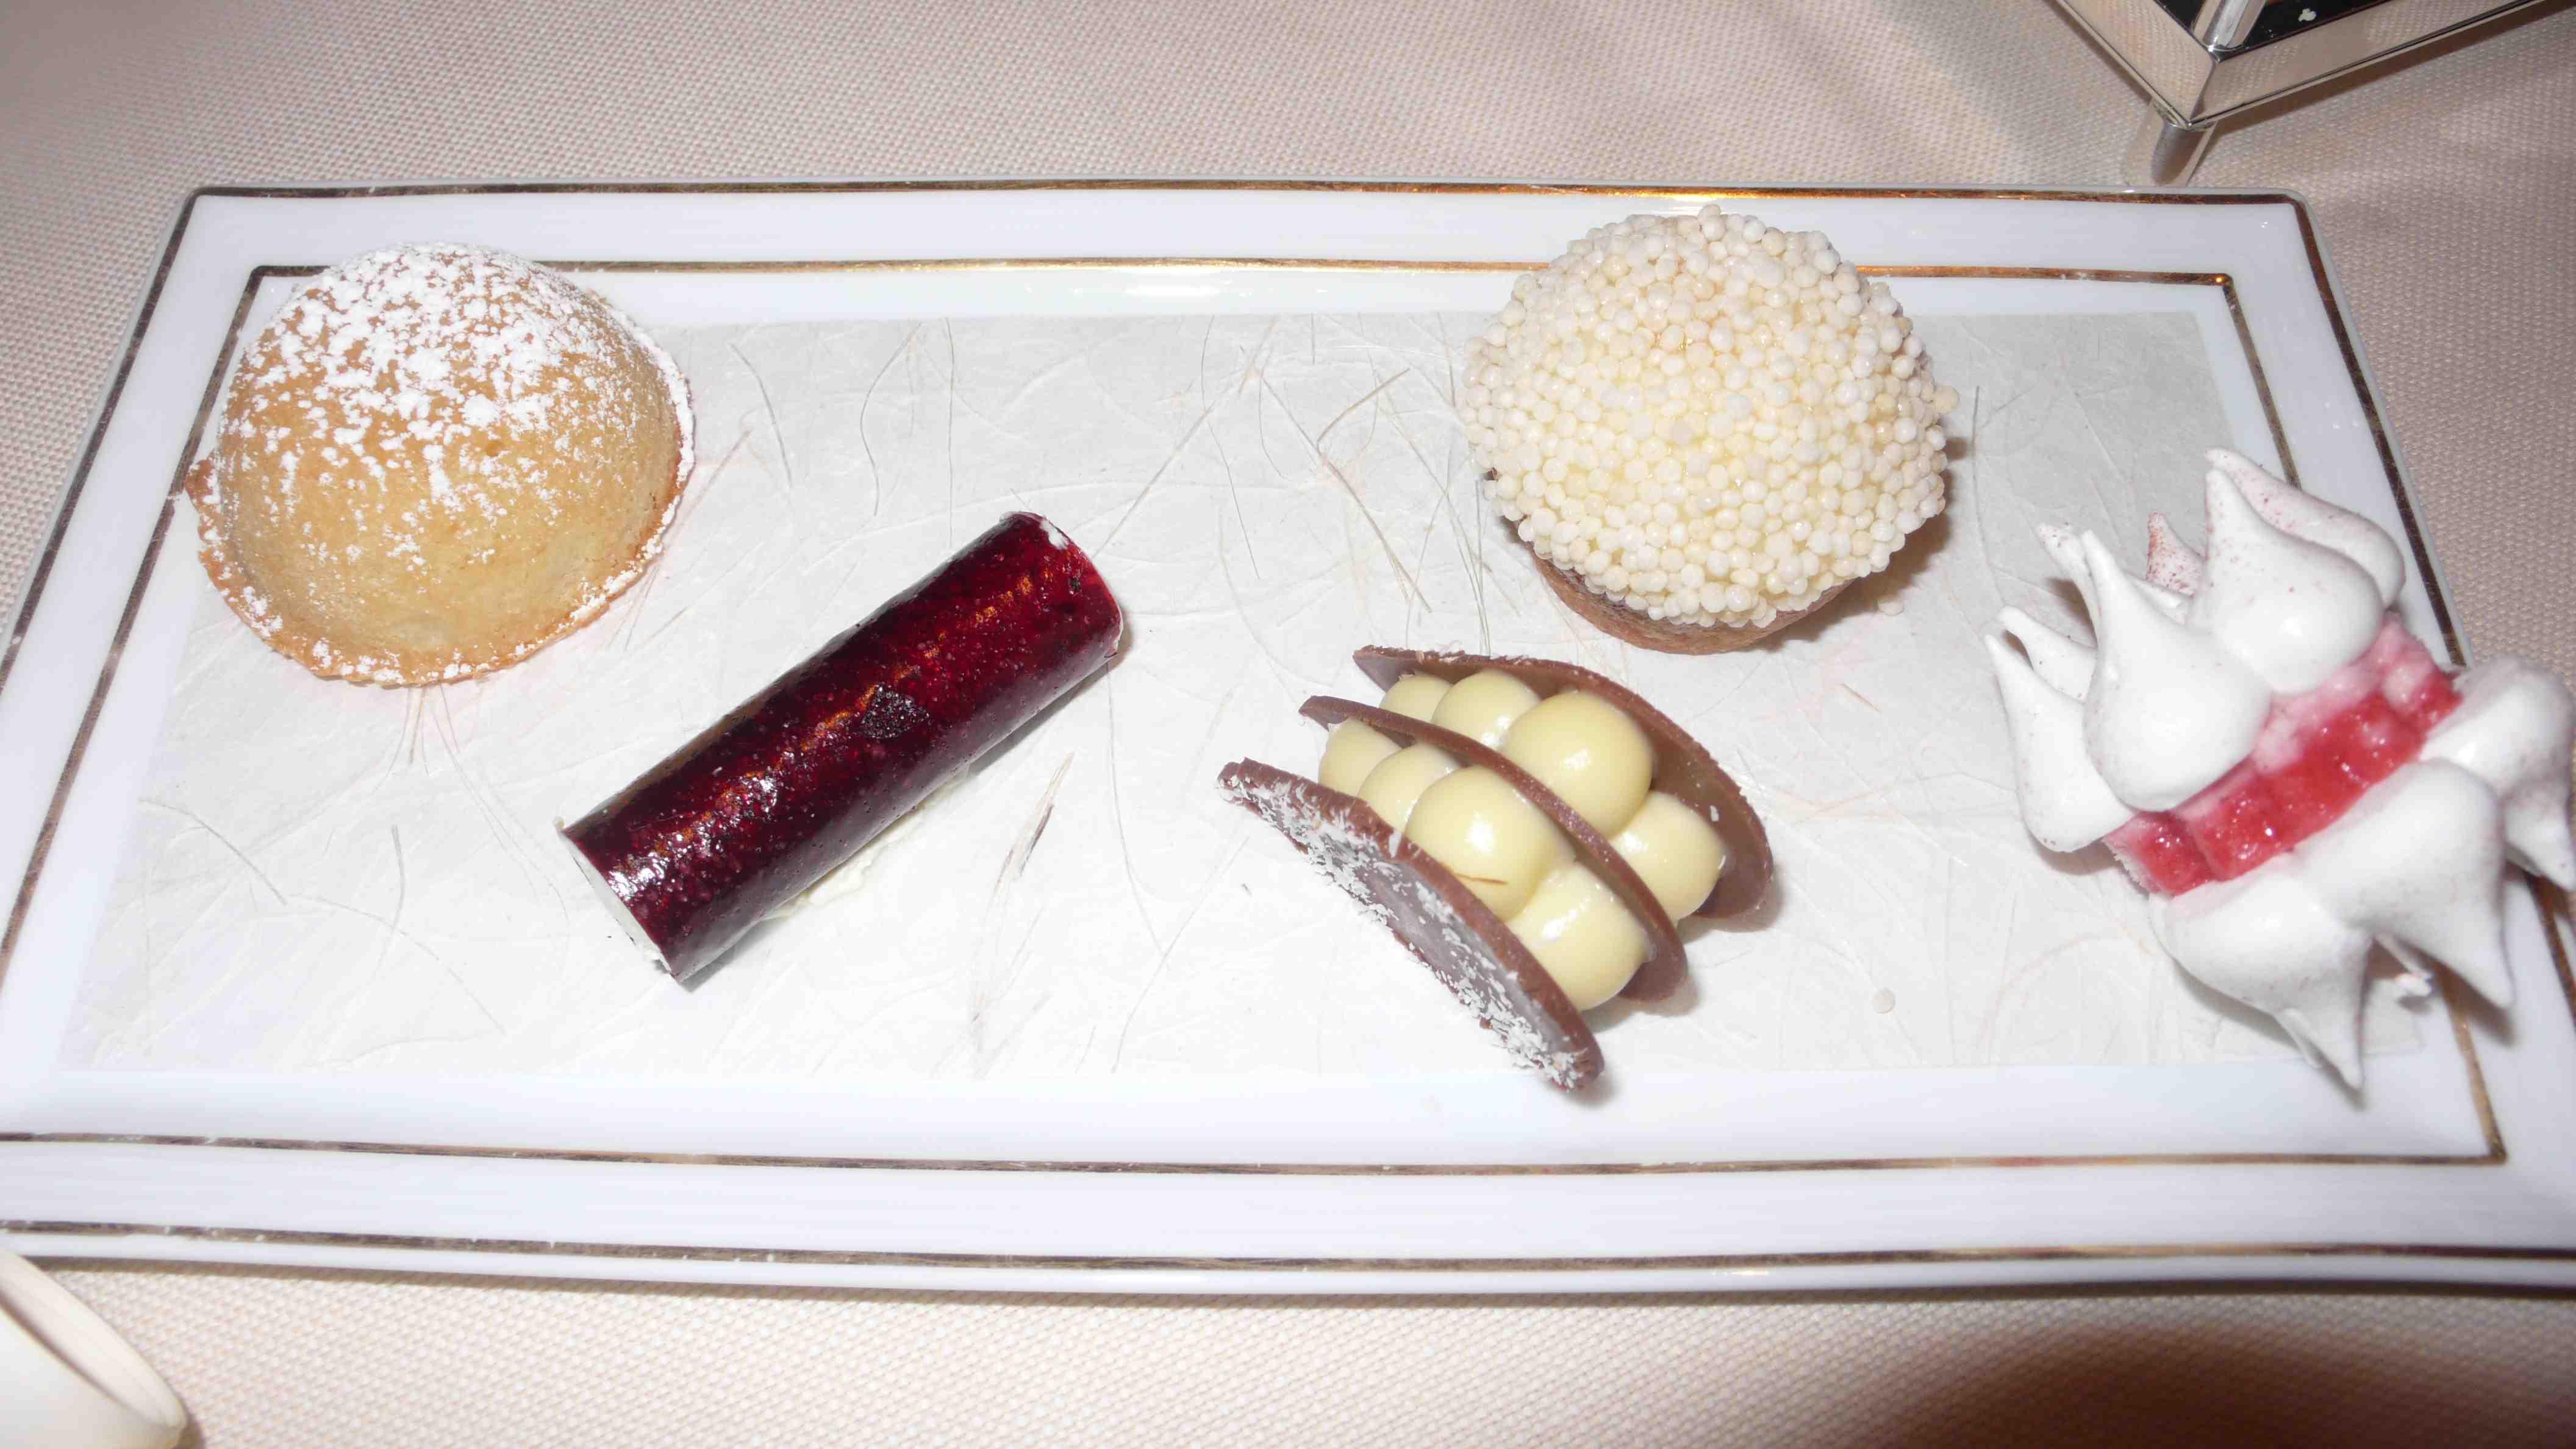 Dessert number 3